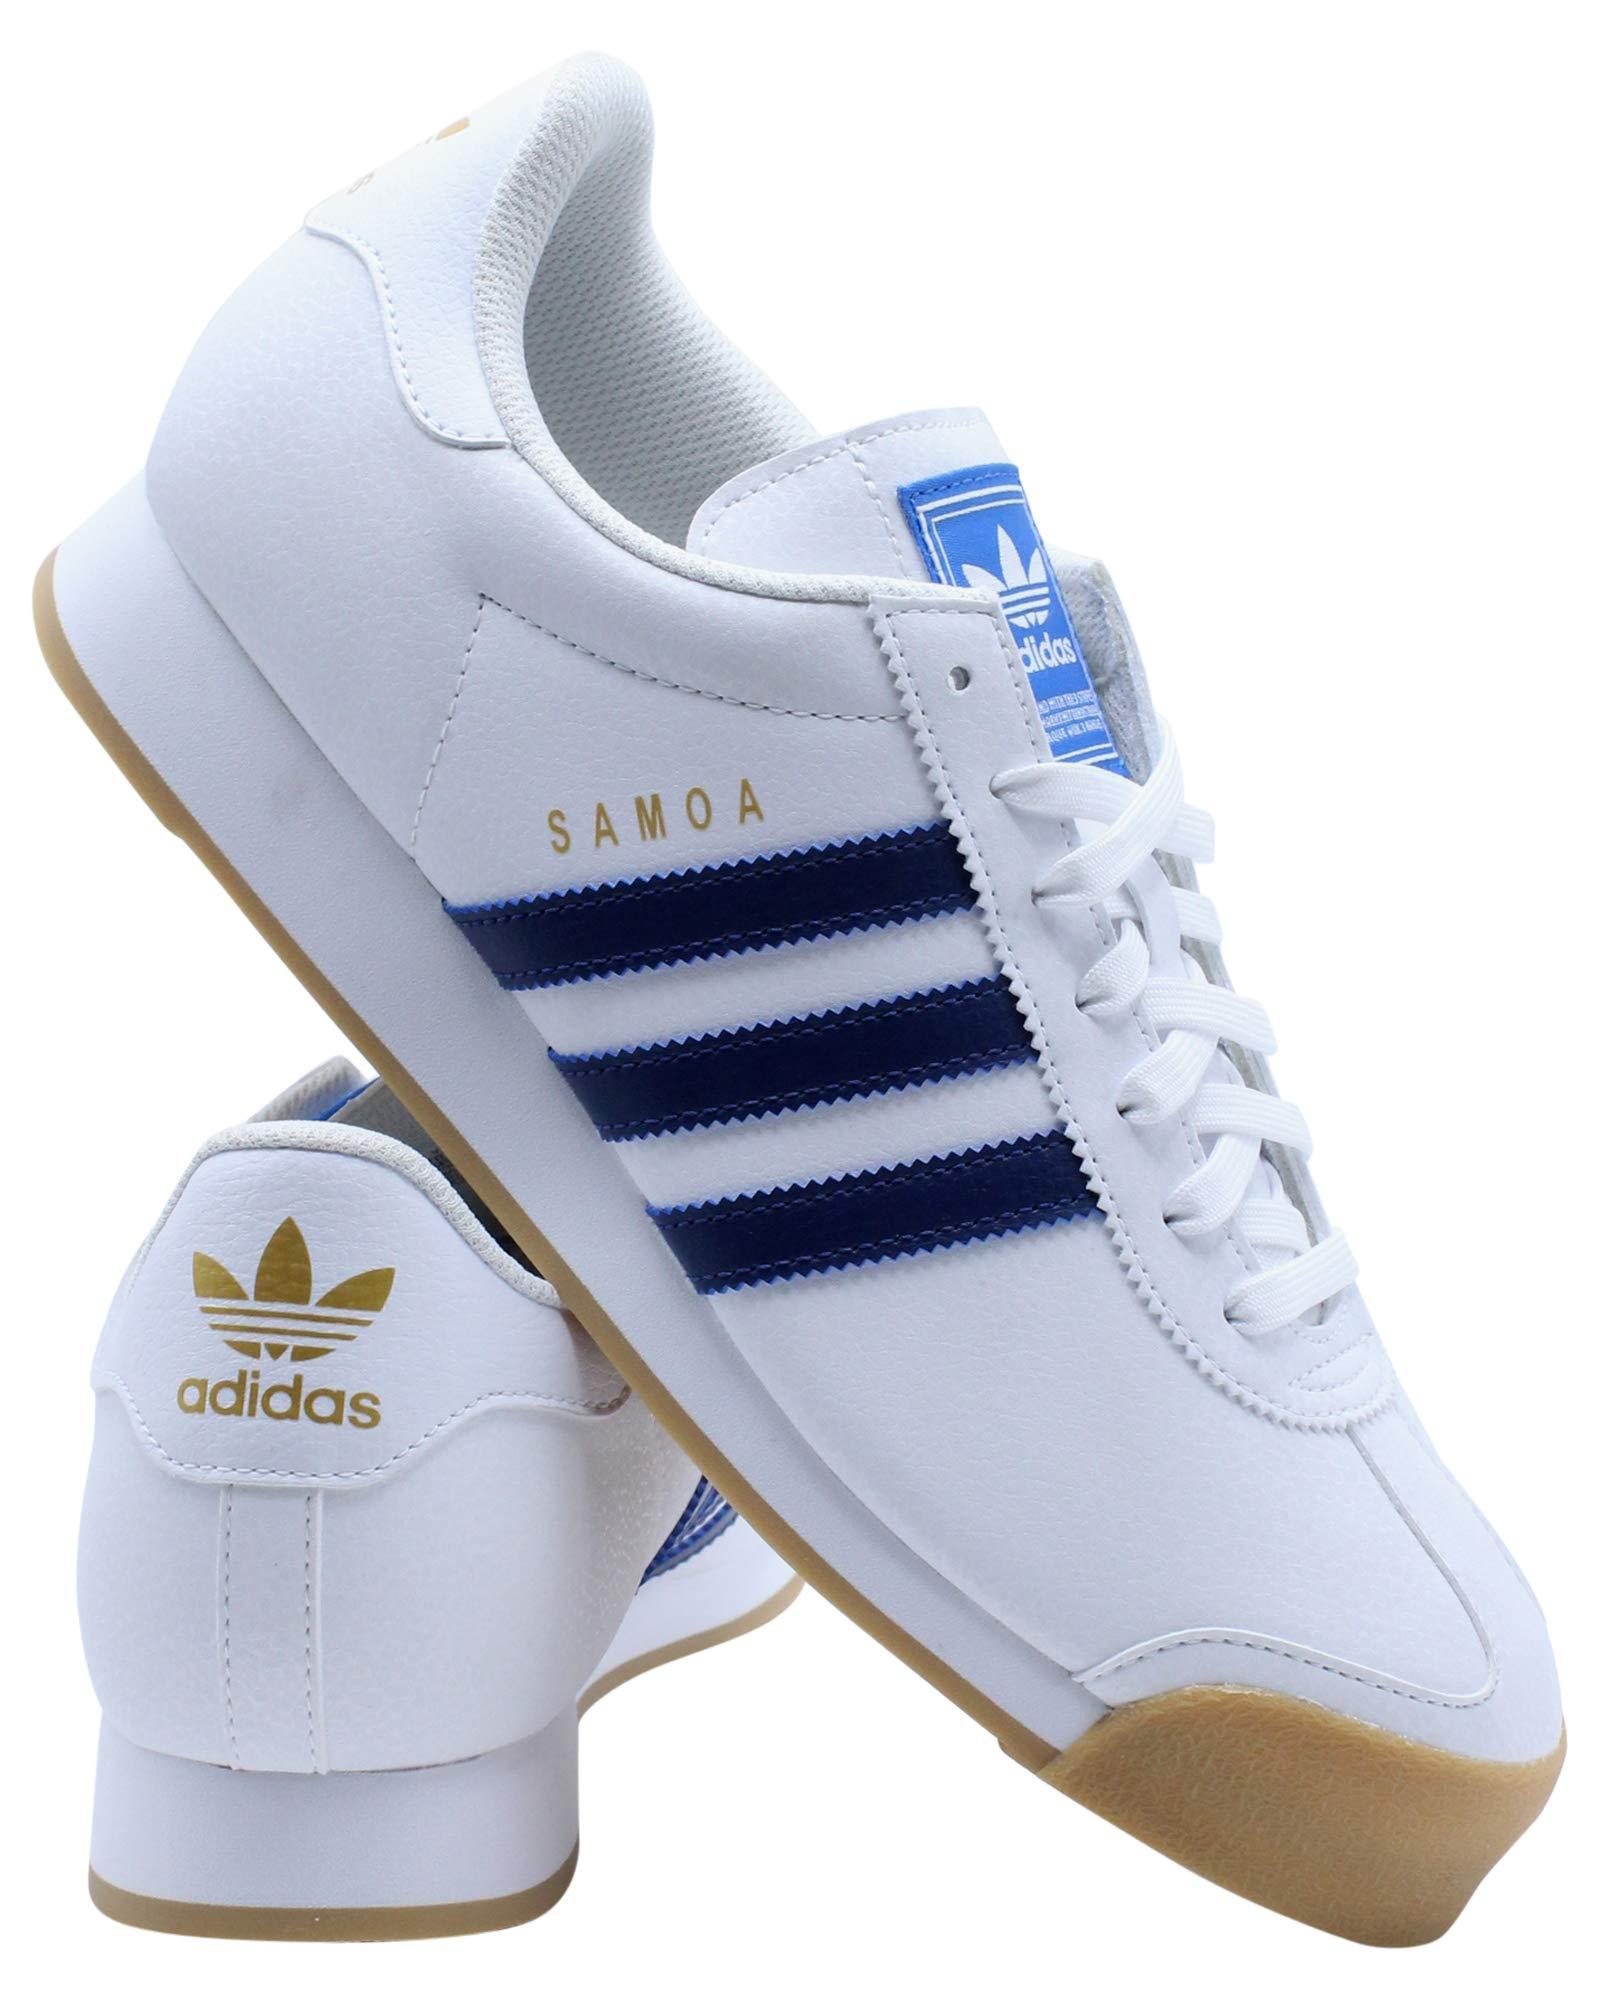 adidas Mens Samoa Sneaker - Buy Online